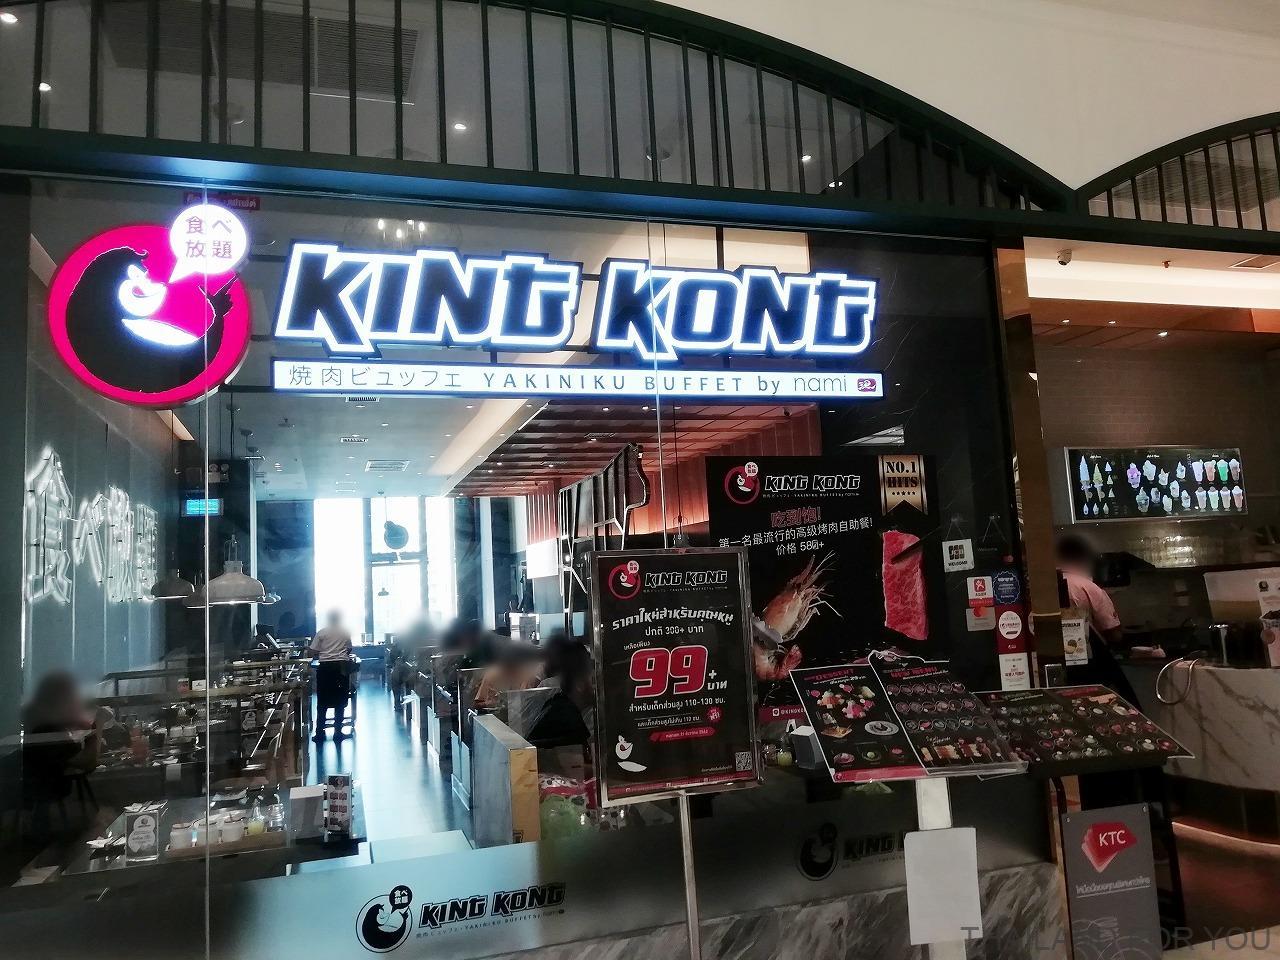 ザ・マーケット・バンコク KING KONG the market bangkok 写真